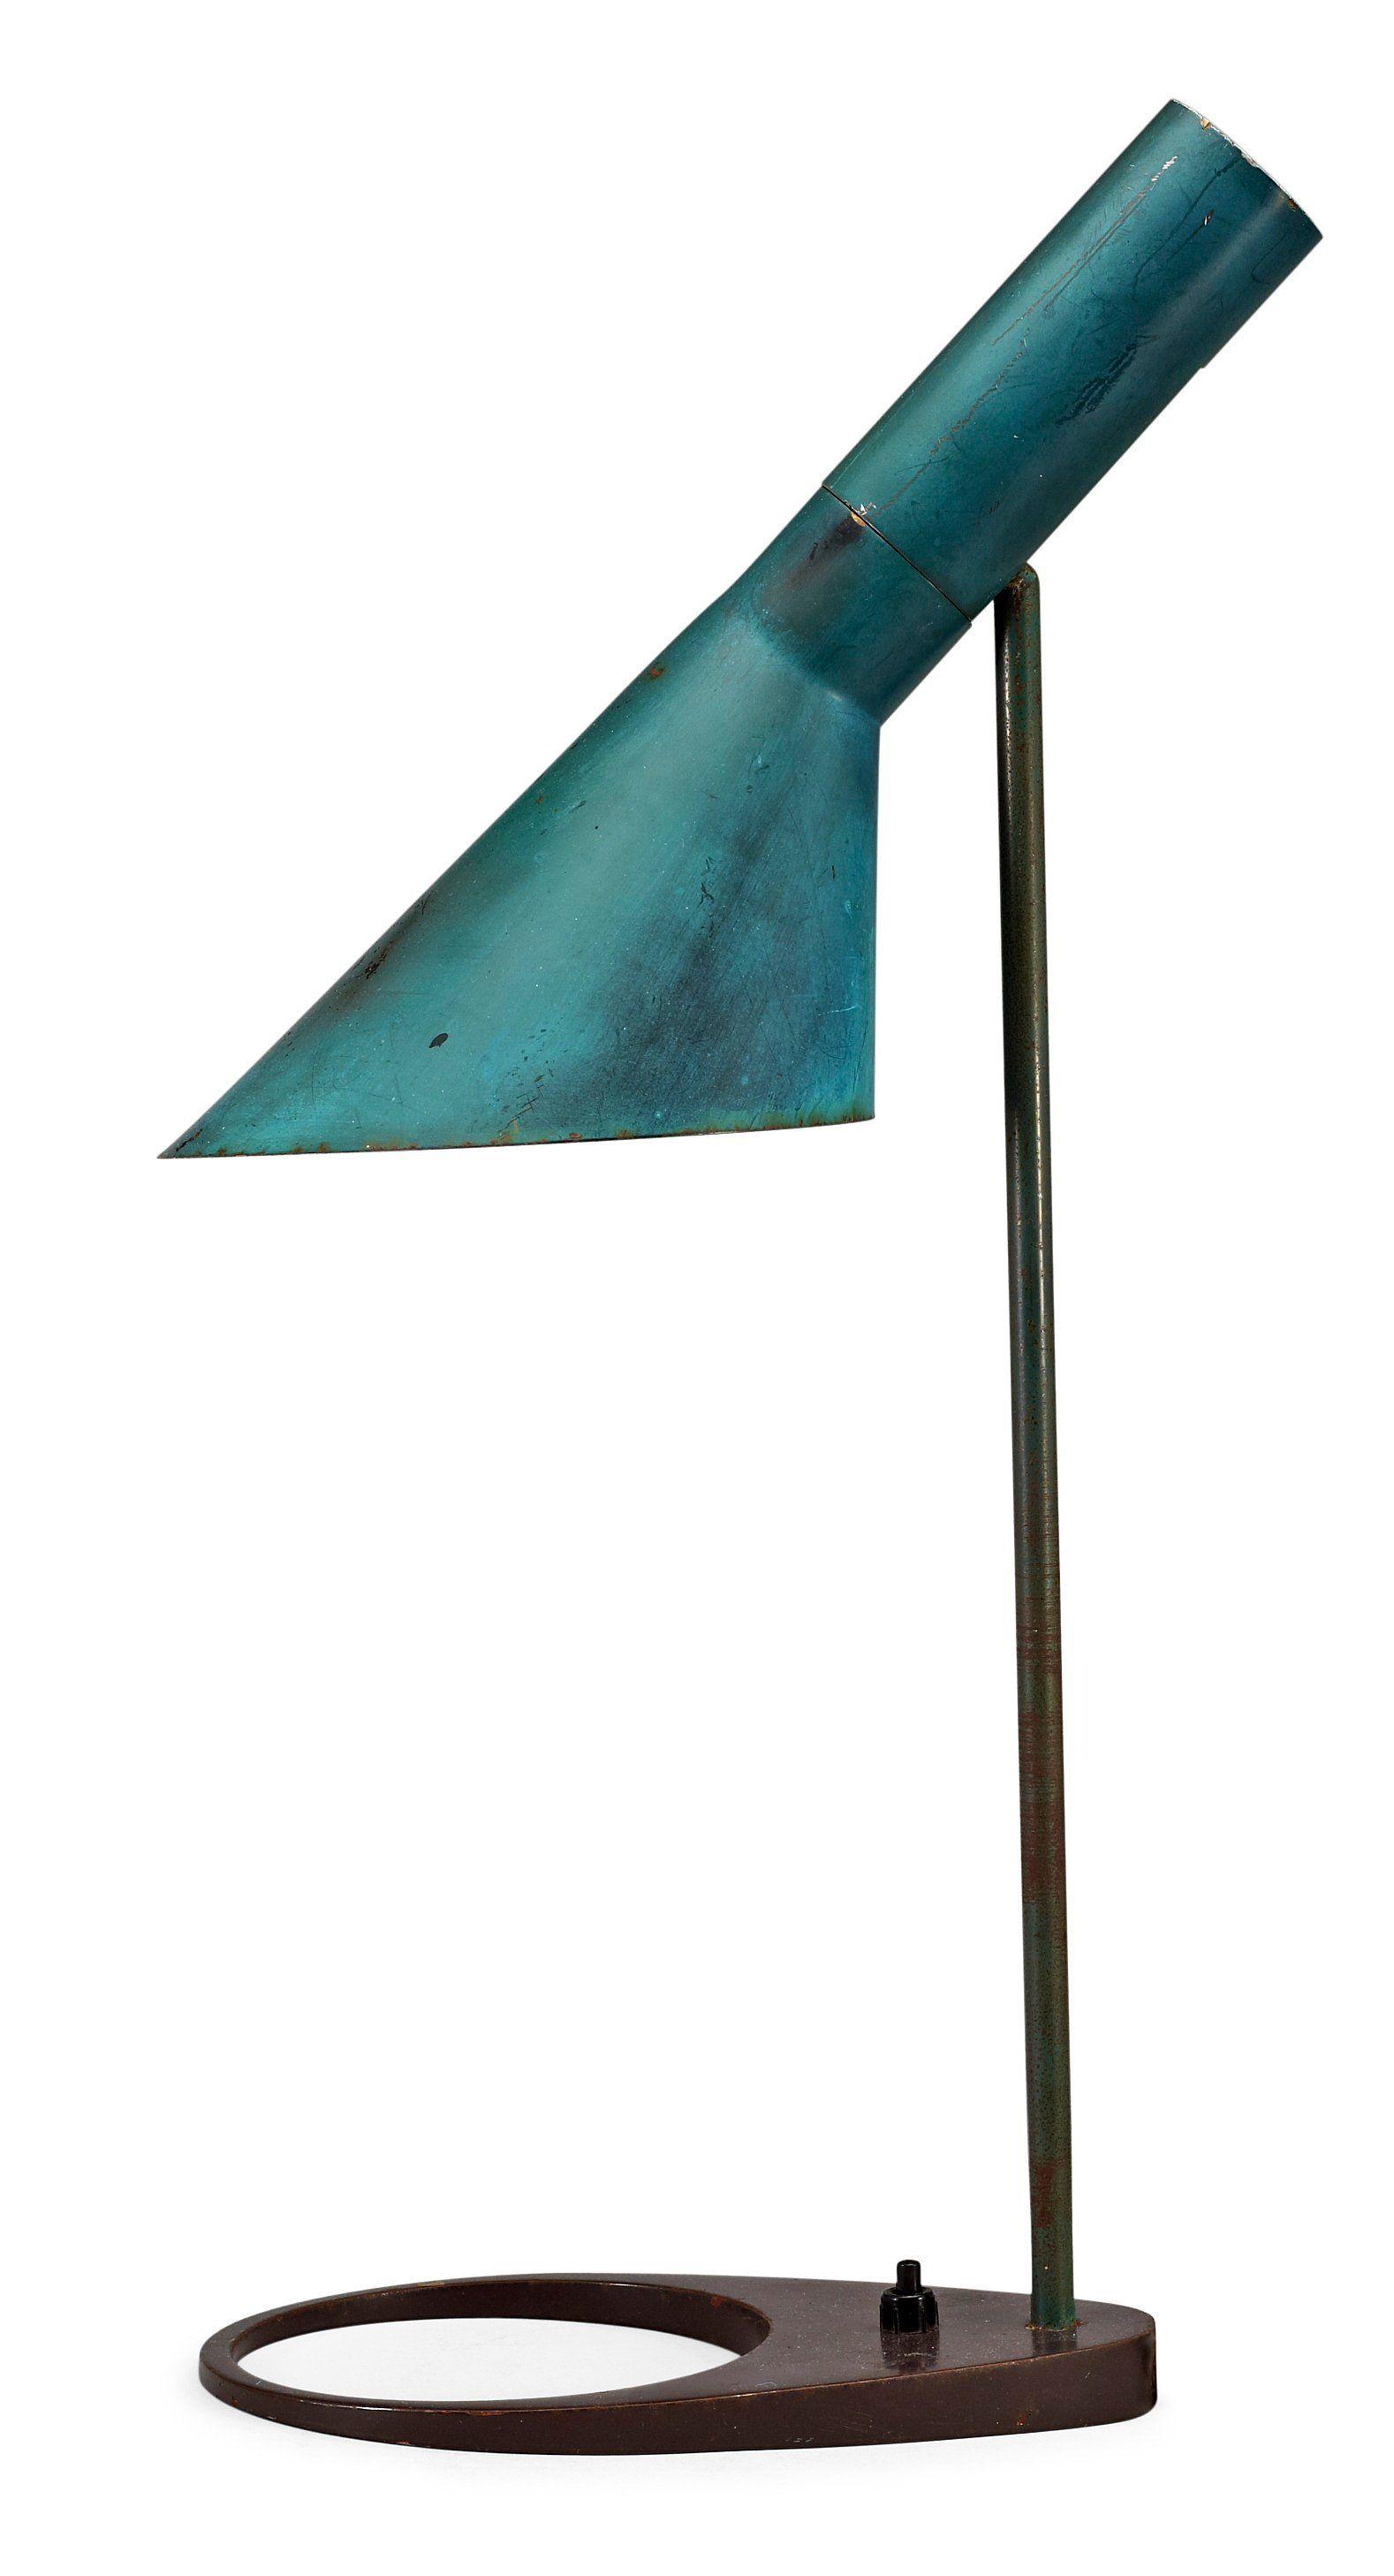 Arne Jacobsen 1960s